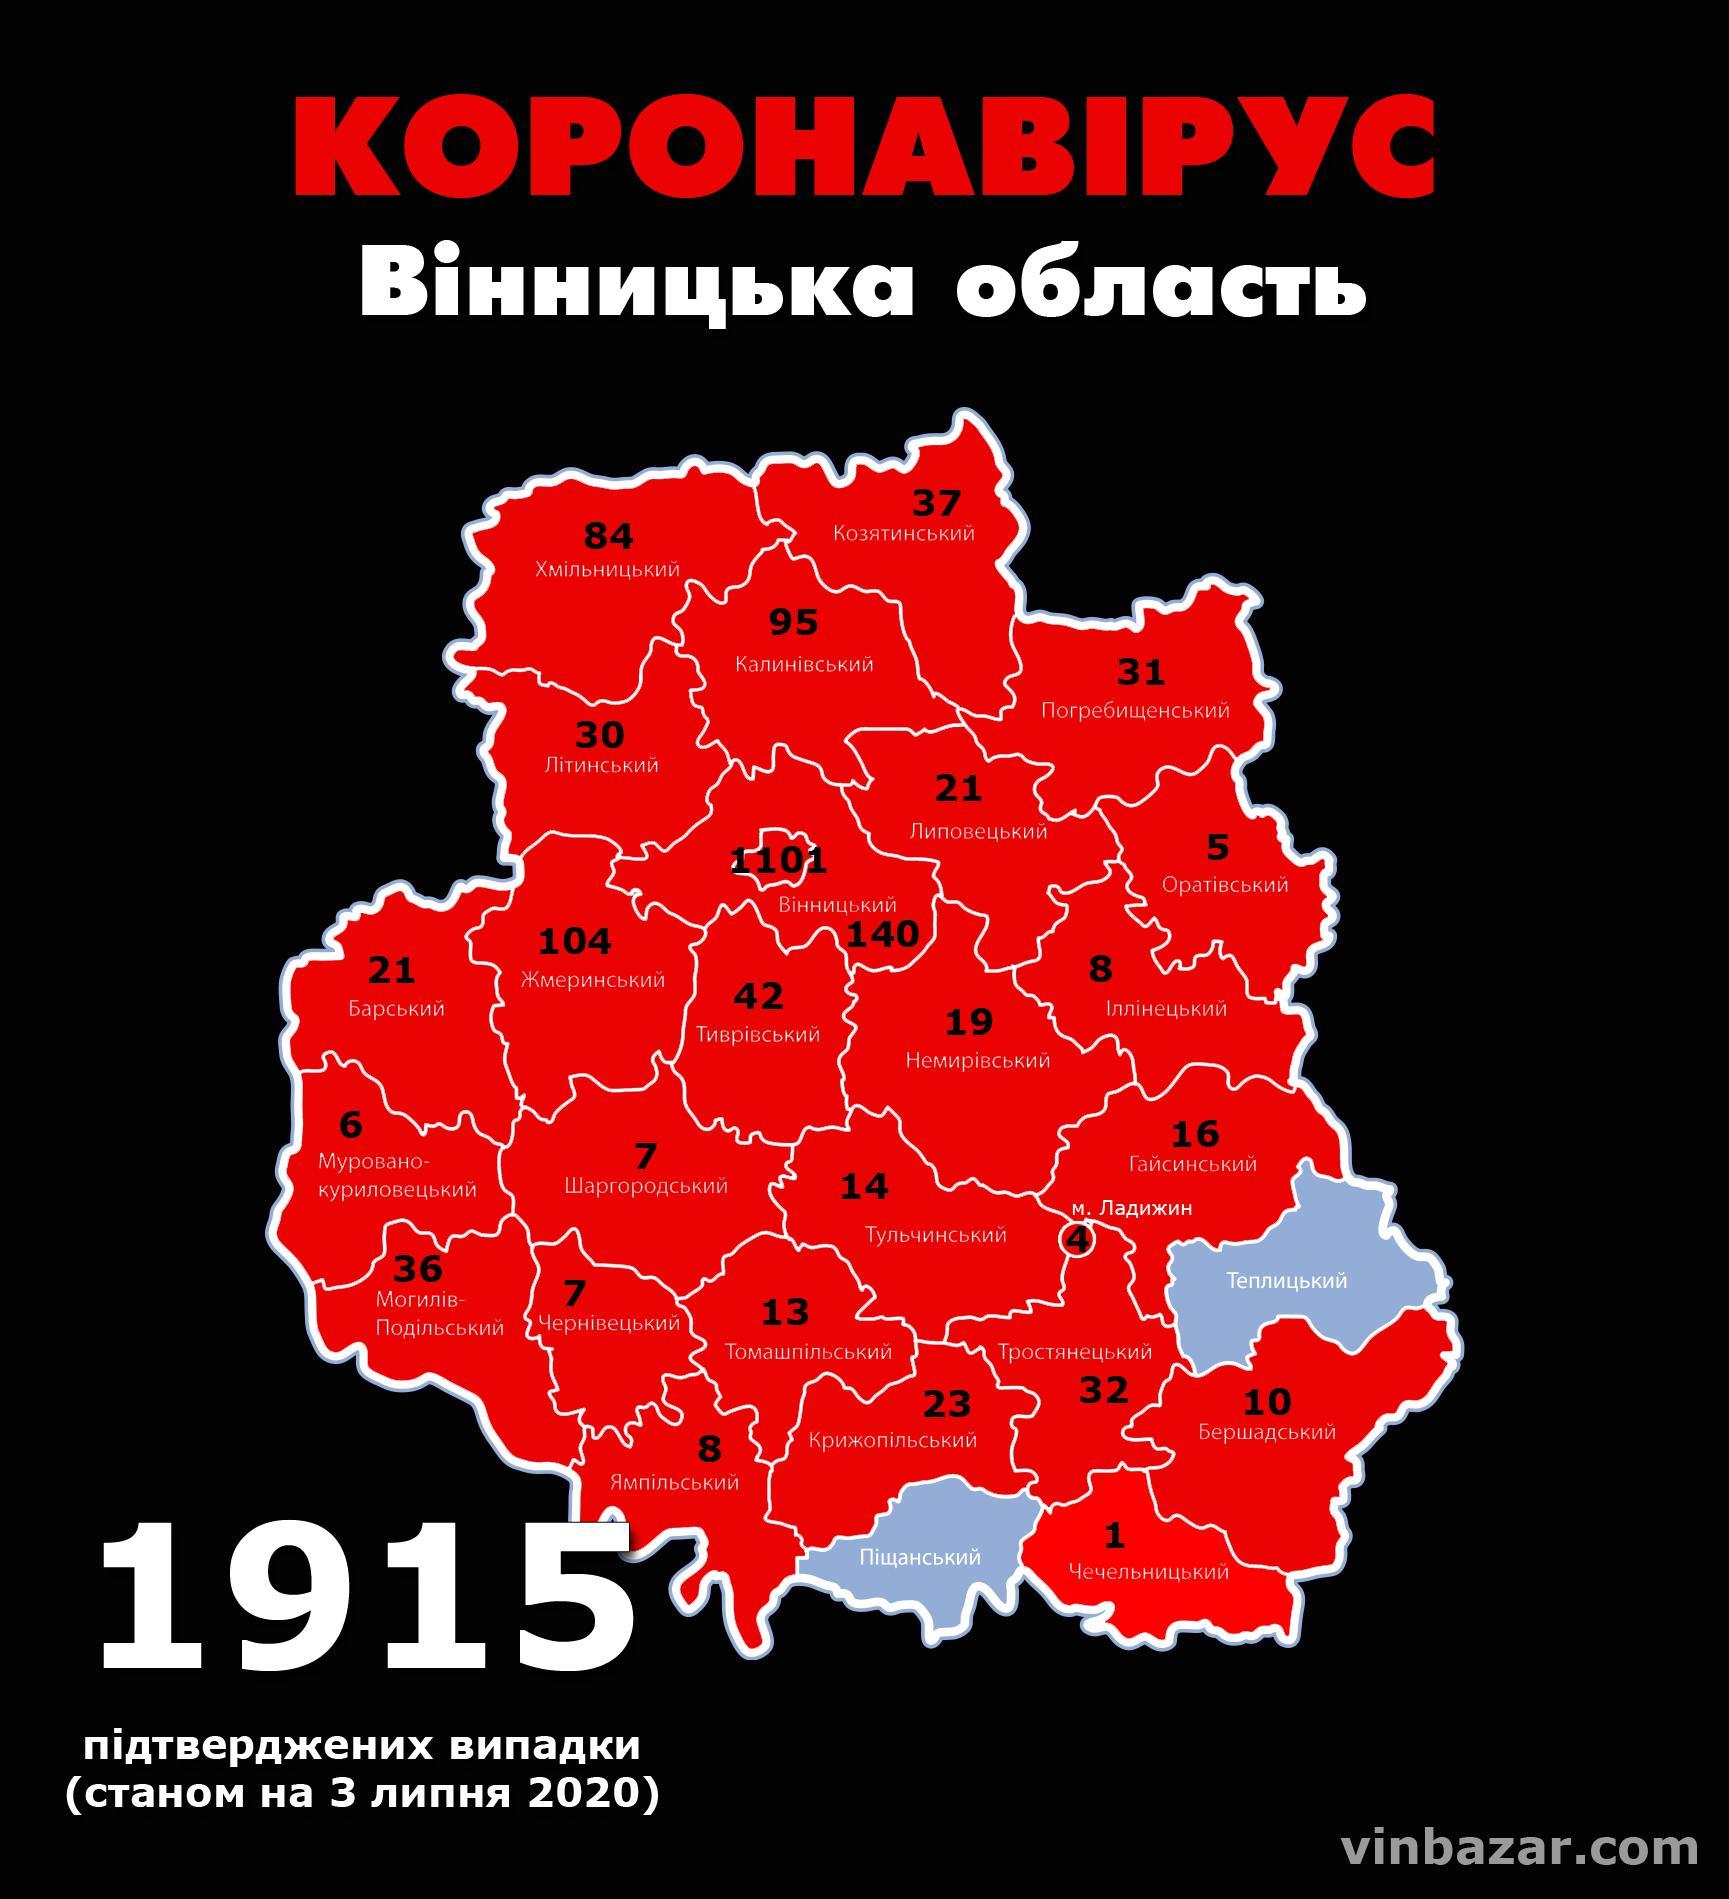 Станом на ранок 3 липня у Вінницькій області підтвердили 1915 випадків коронавірусу